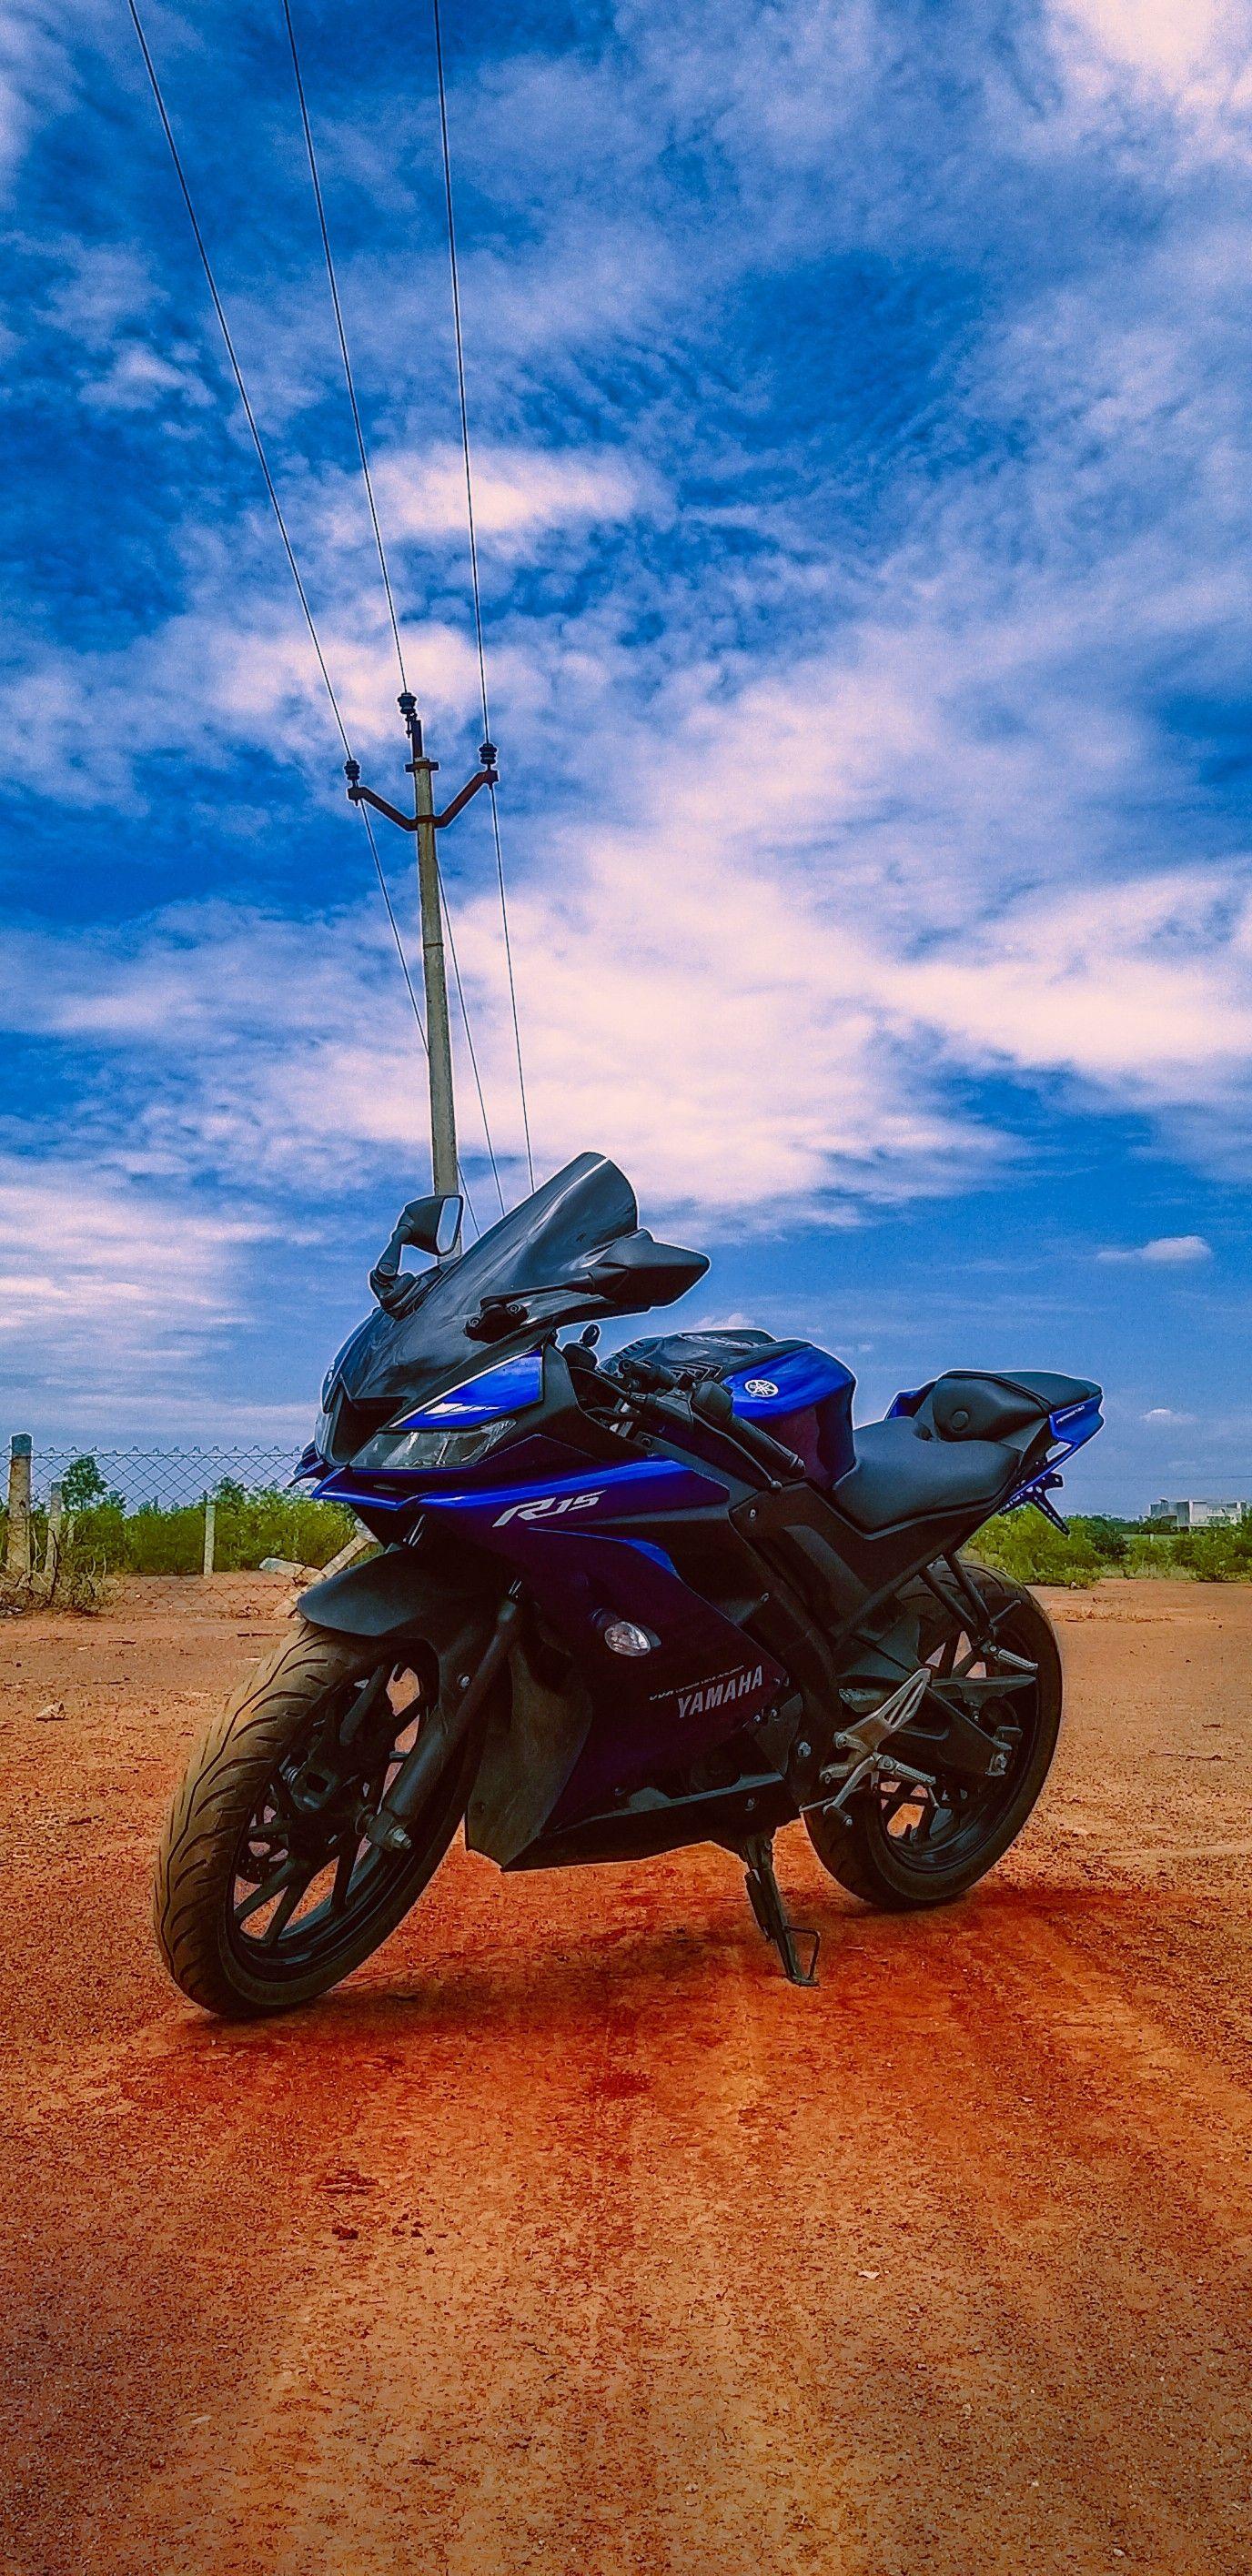 R15v3 R15v3modifikasi R15v3indonesia Yamaha Bikes Bike Pic R15 Yamaha